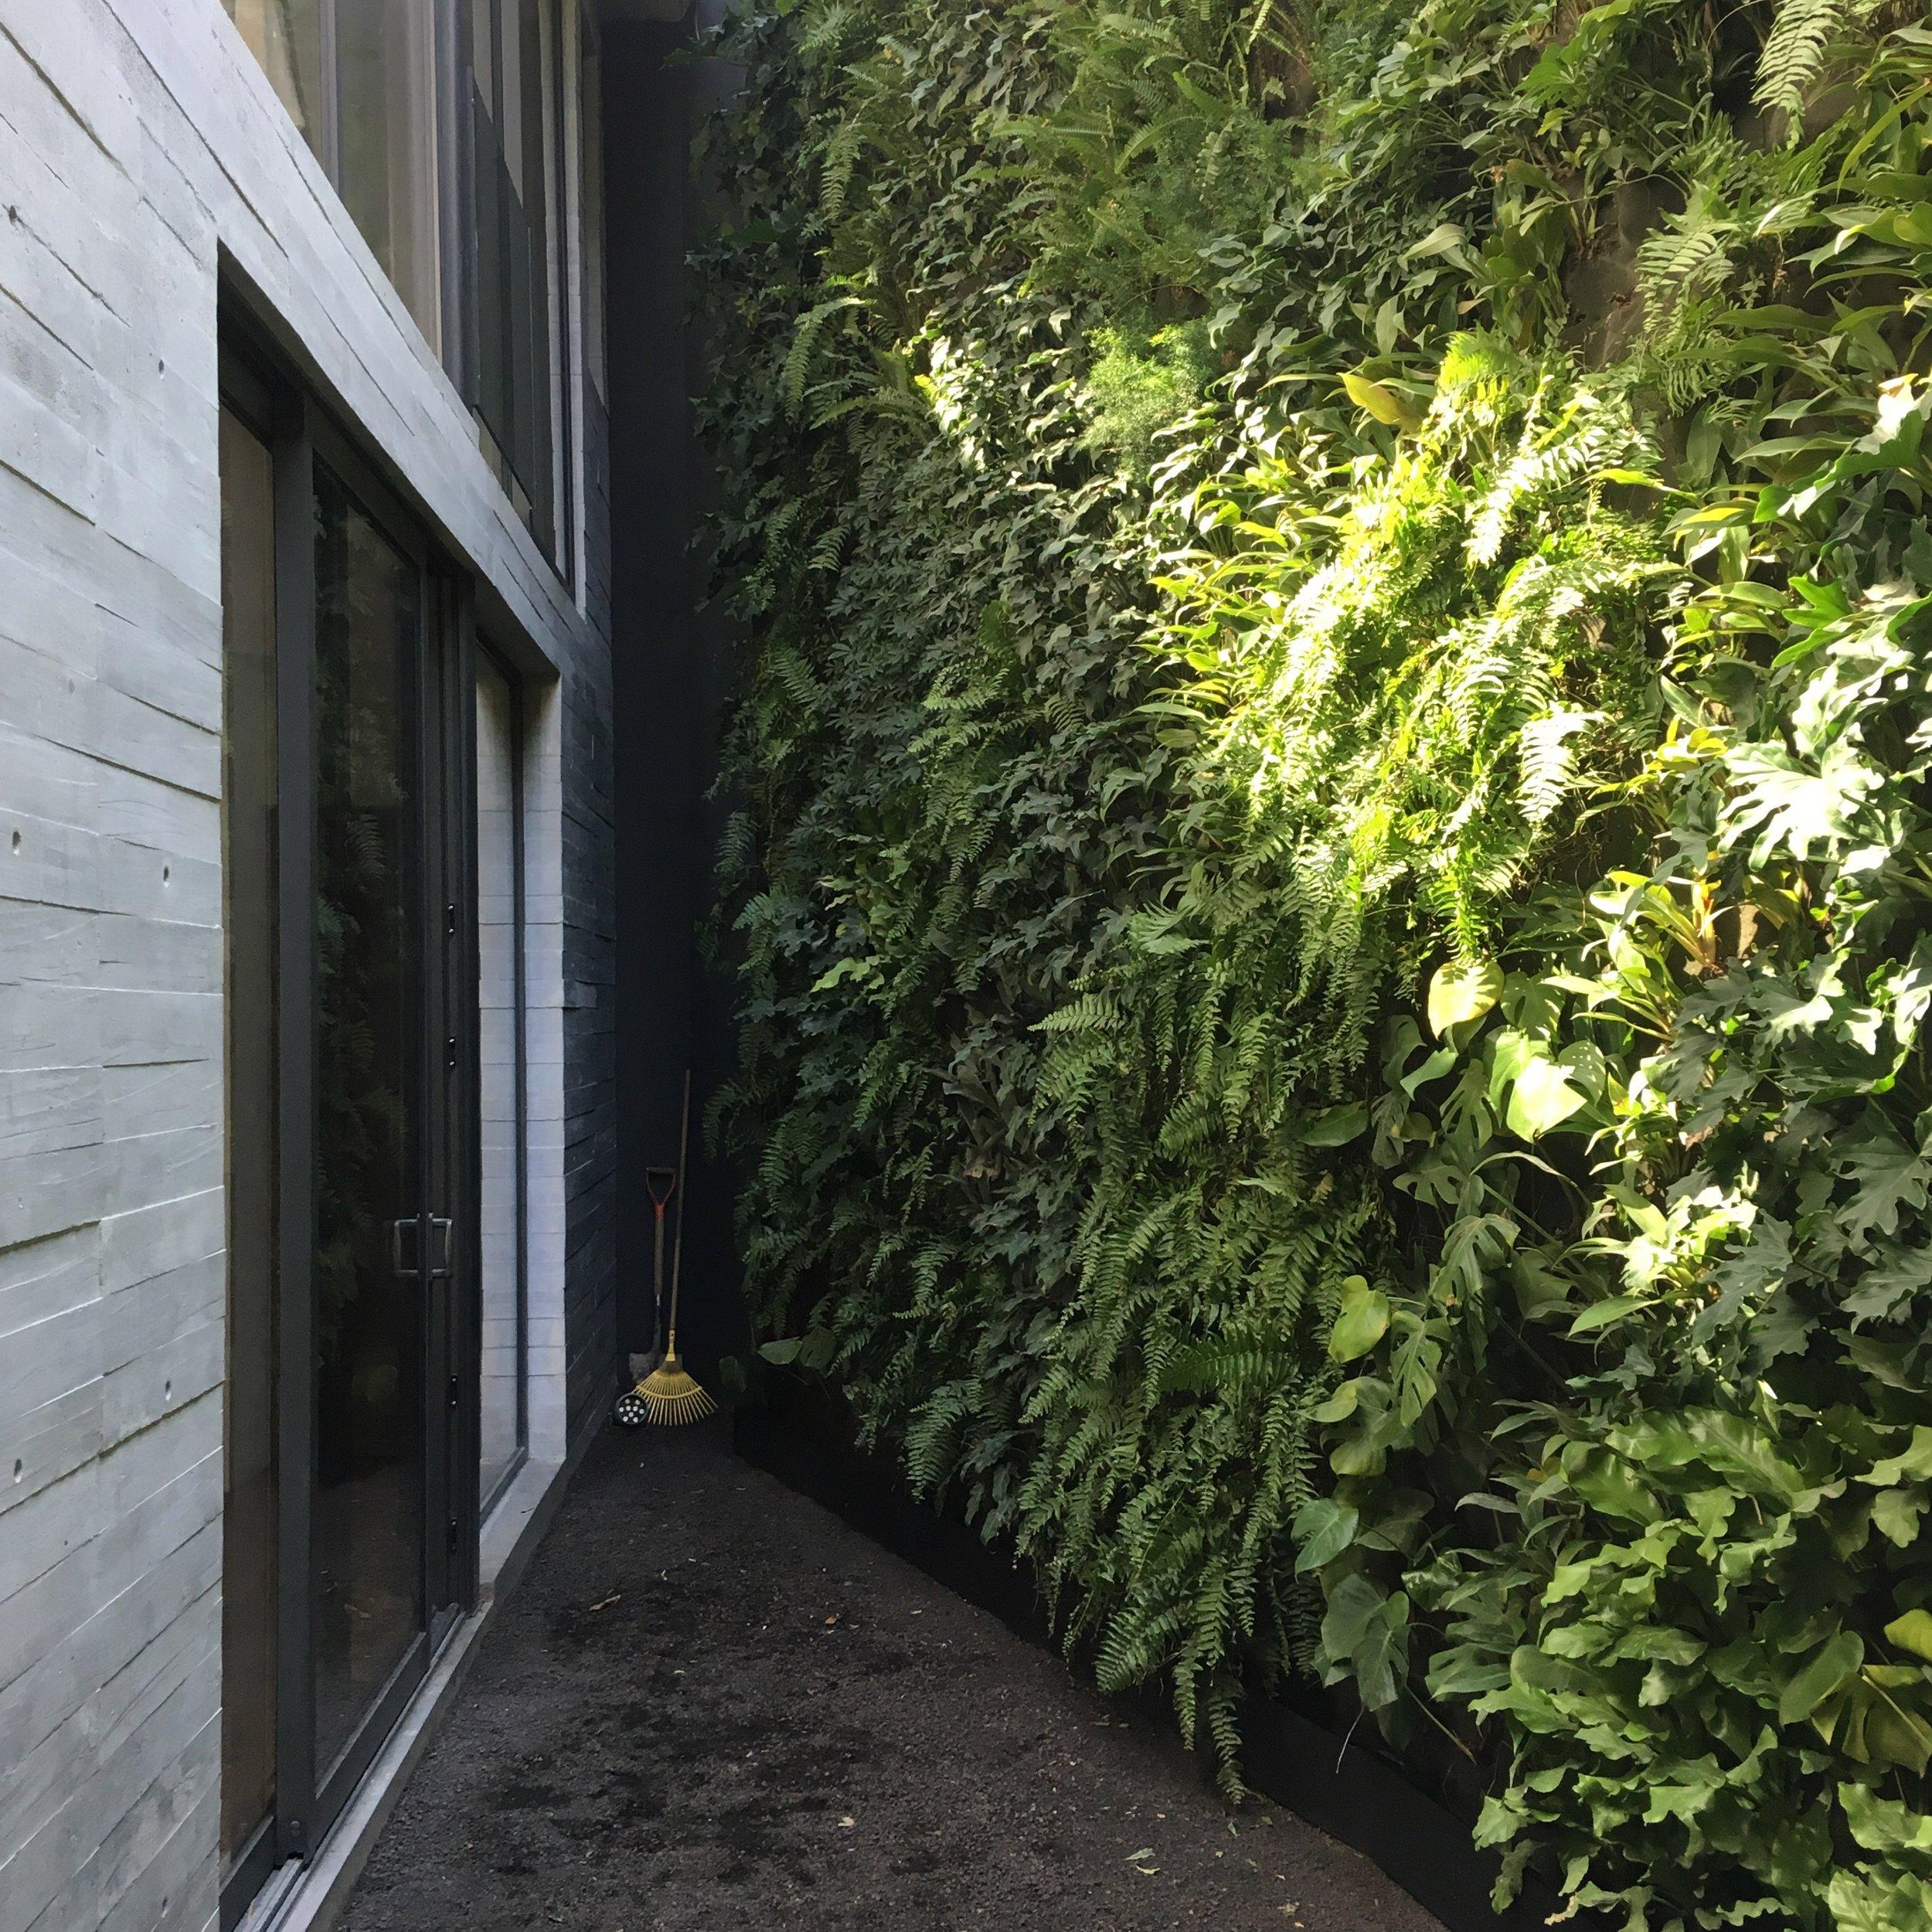 Casa Privada - Jardines Verticales